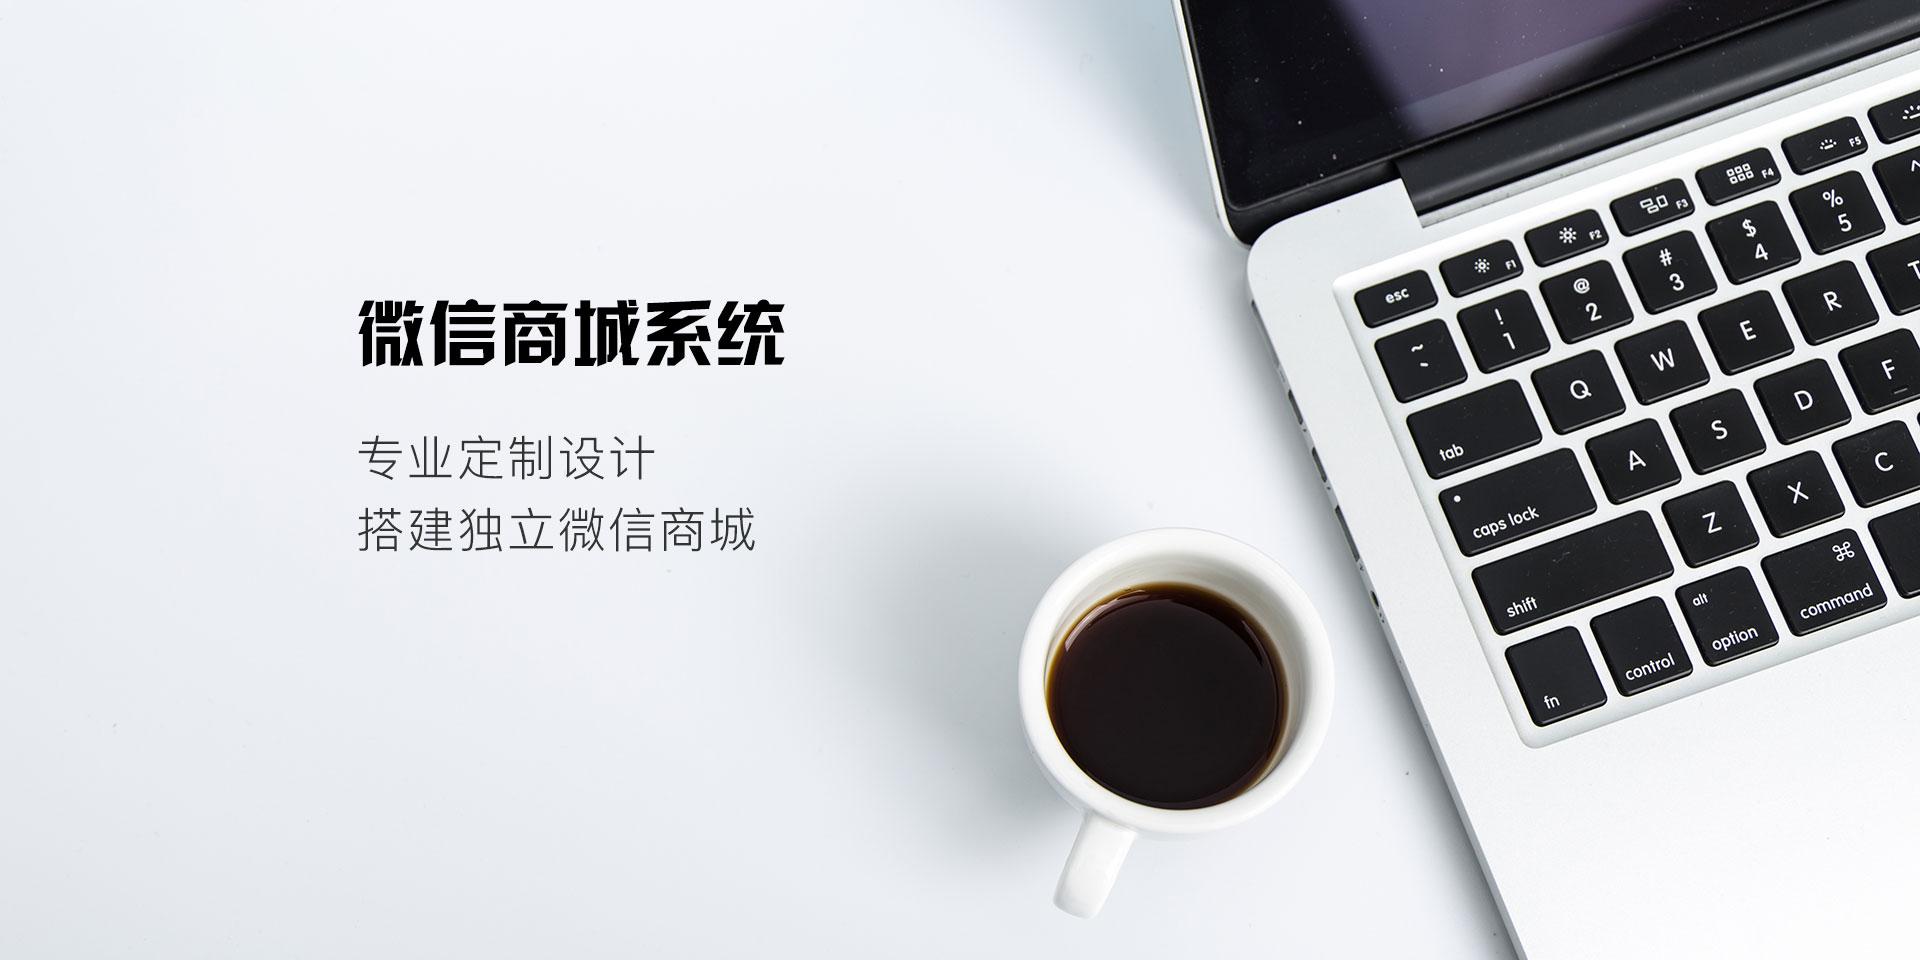 虎林微信小程序开发